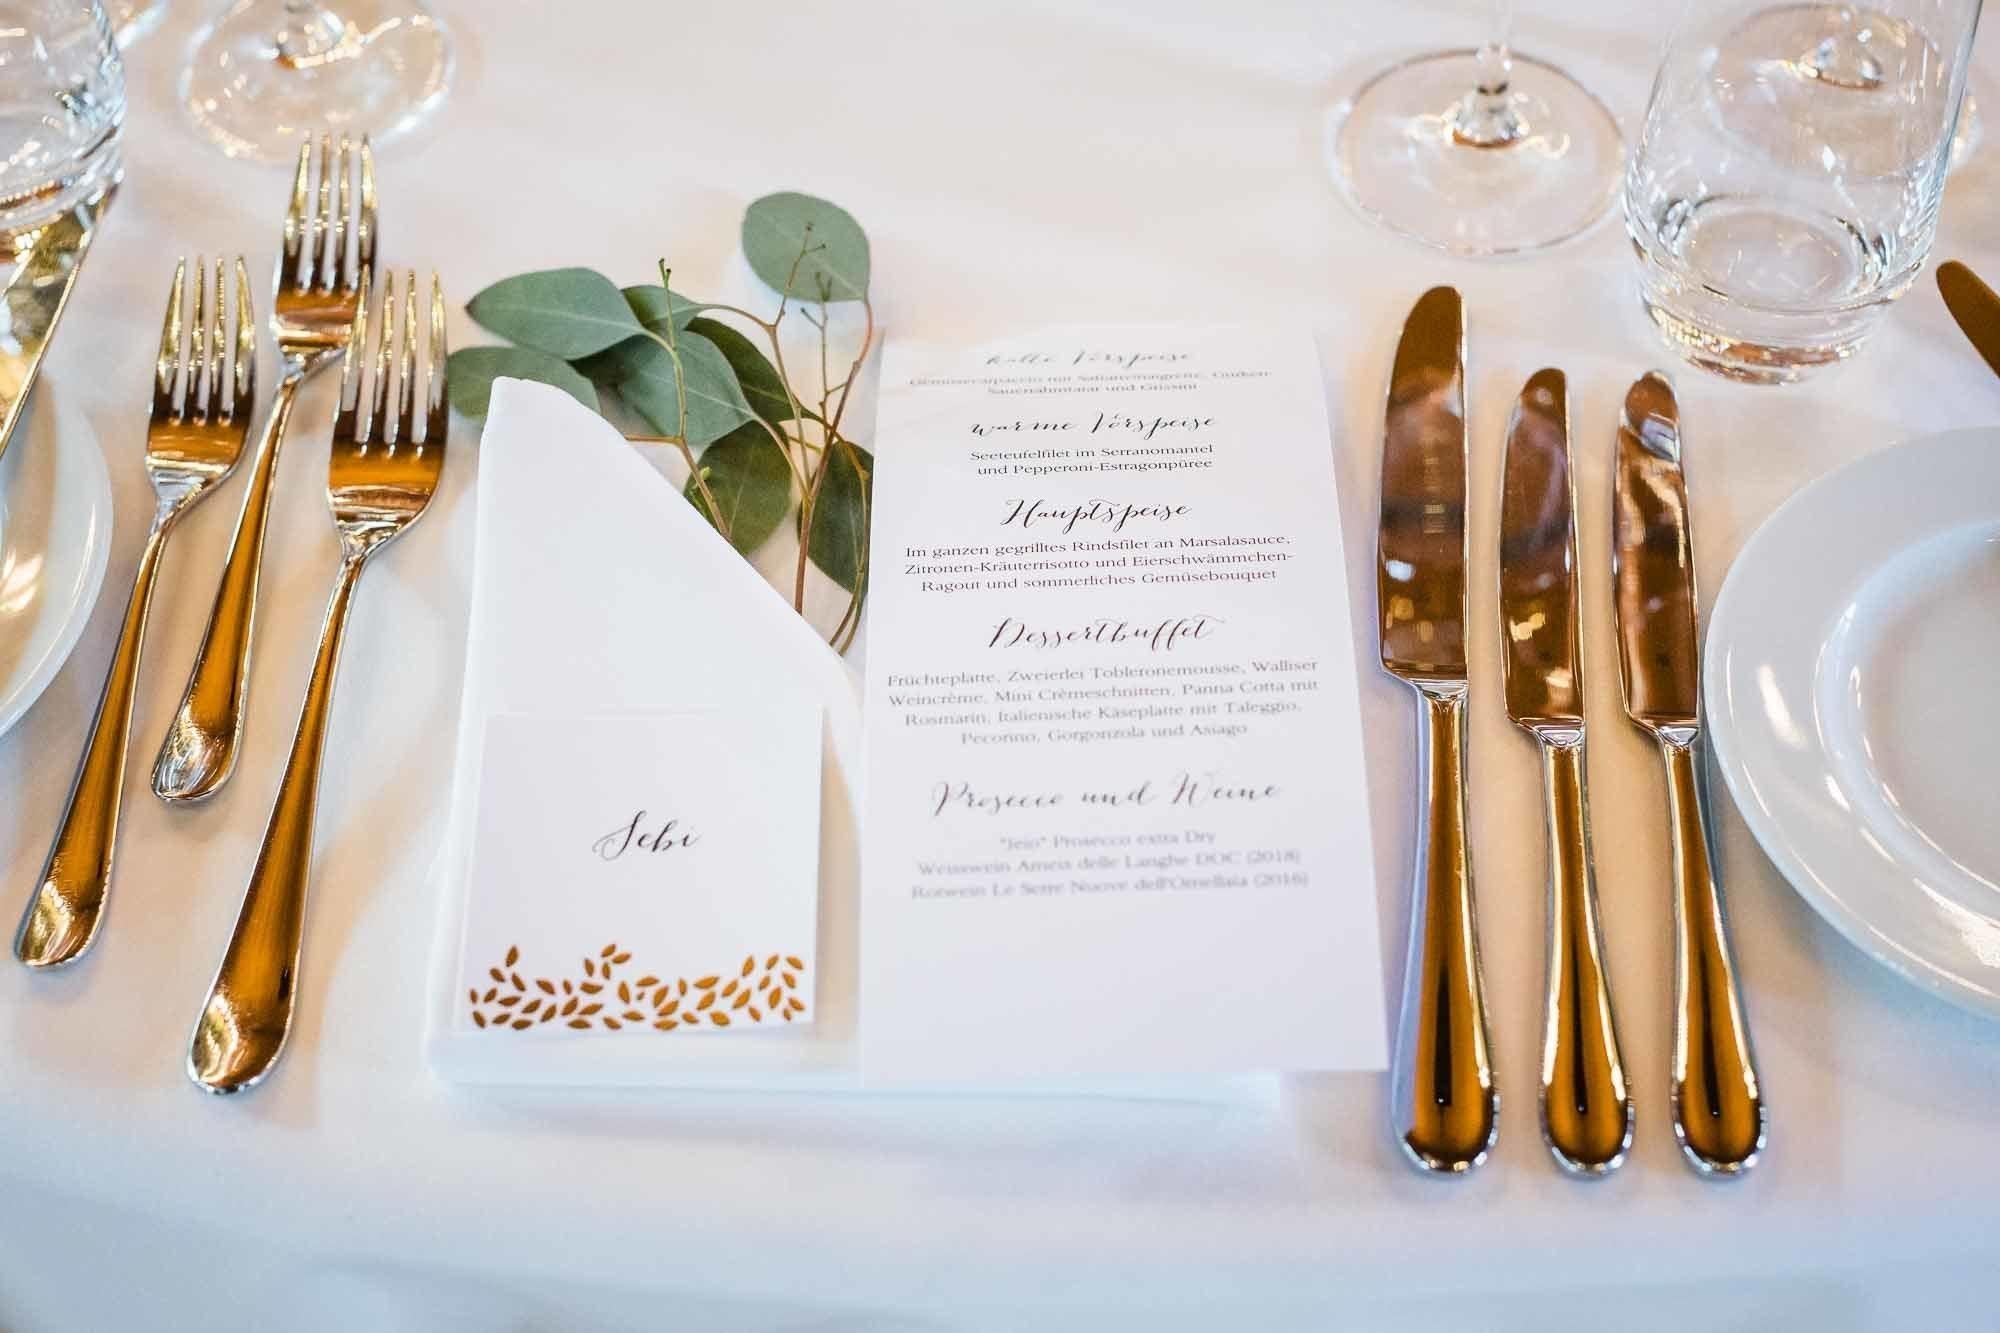 Menukarte und Dekoration auf Tisch Tischdekoration Hochzeit Bocken Horgen